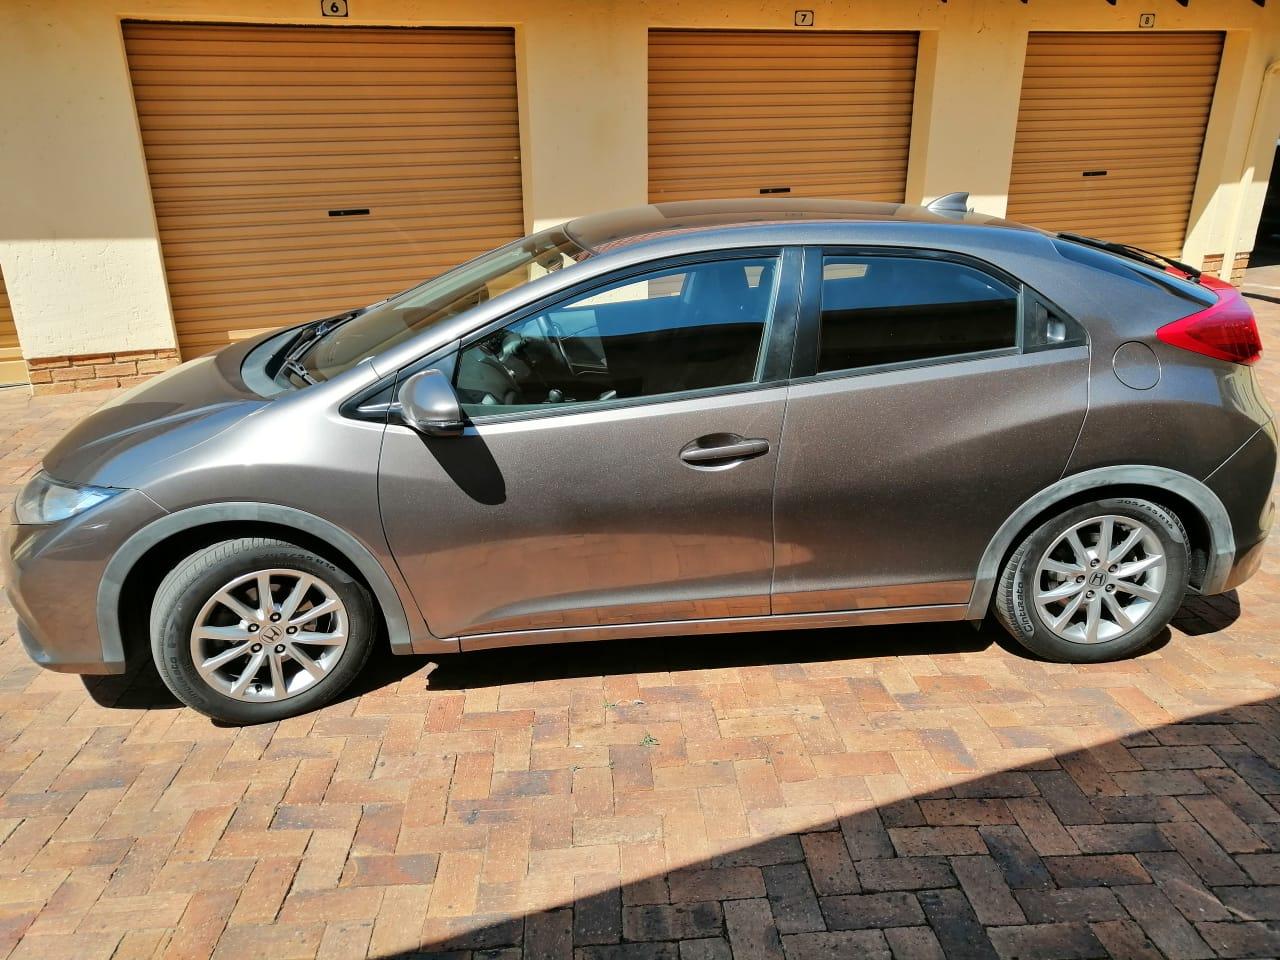 2013 Honda Civic hatch 1.8 Elegance